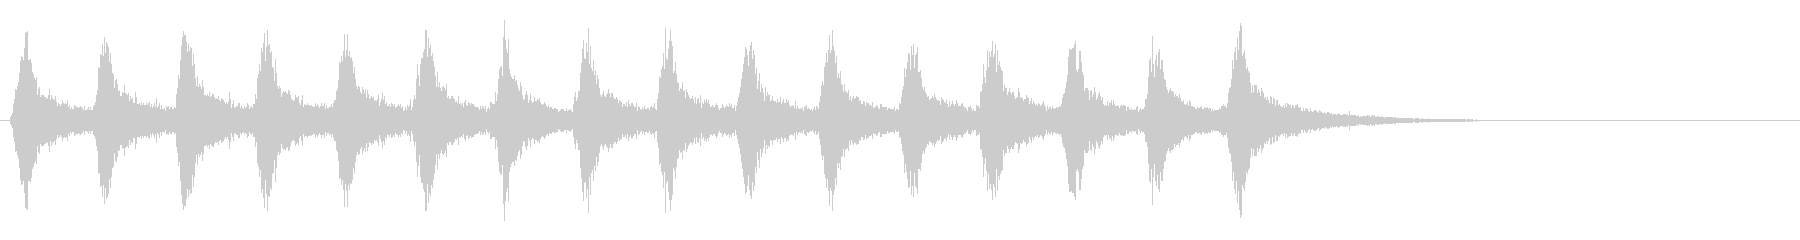 ホラーでよく聞く金切音のストリングスの未再生の波形